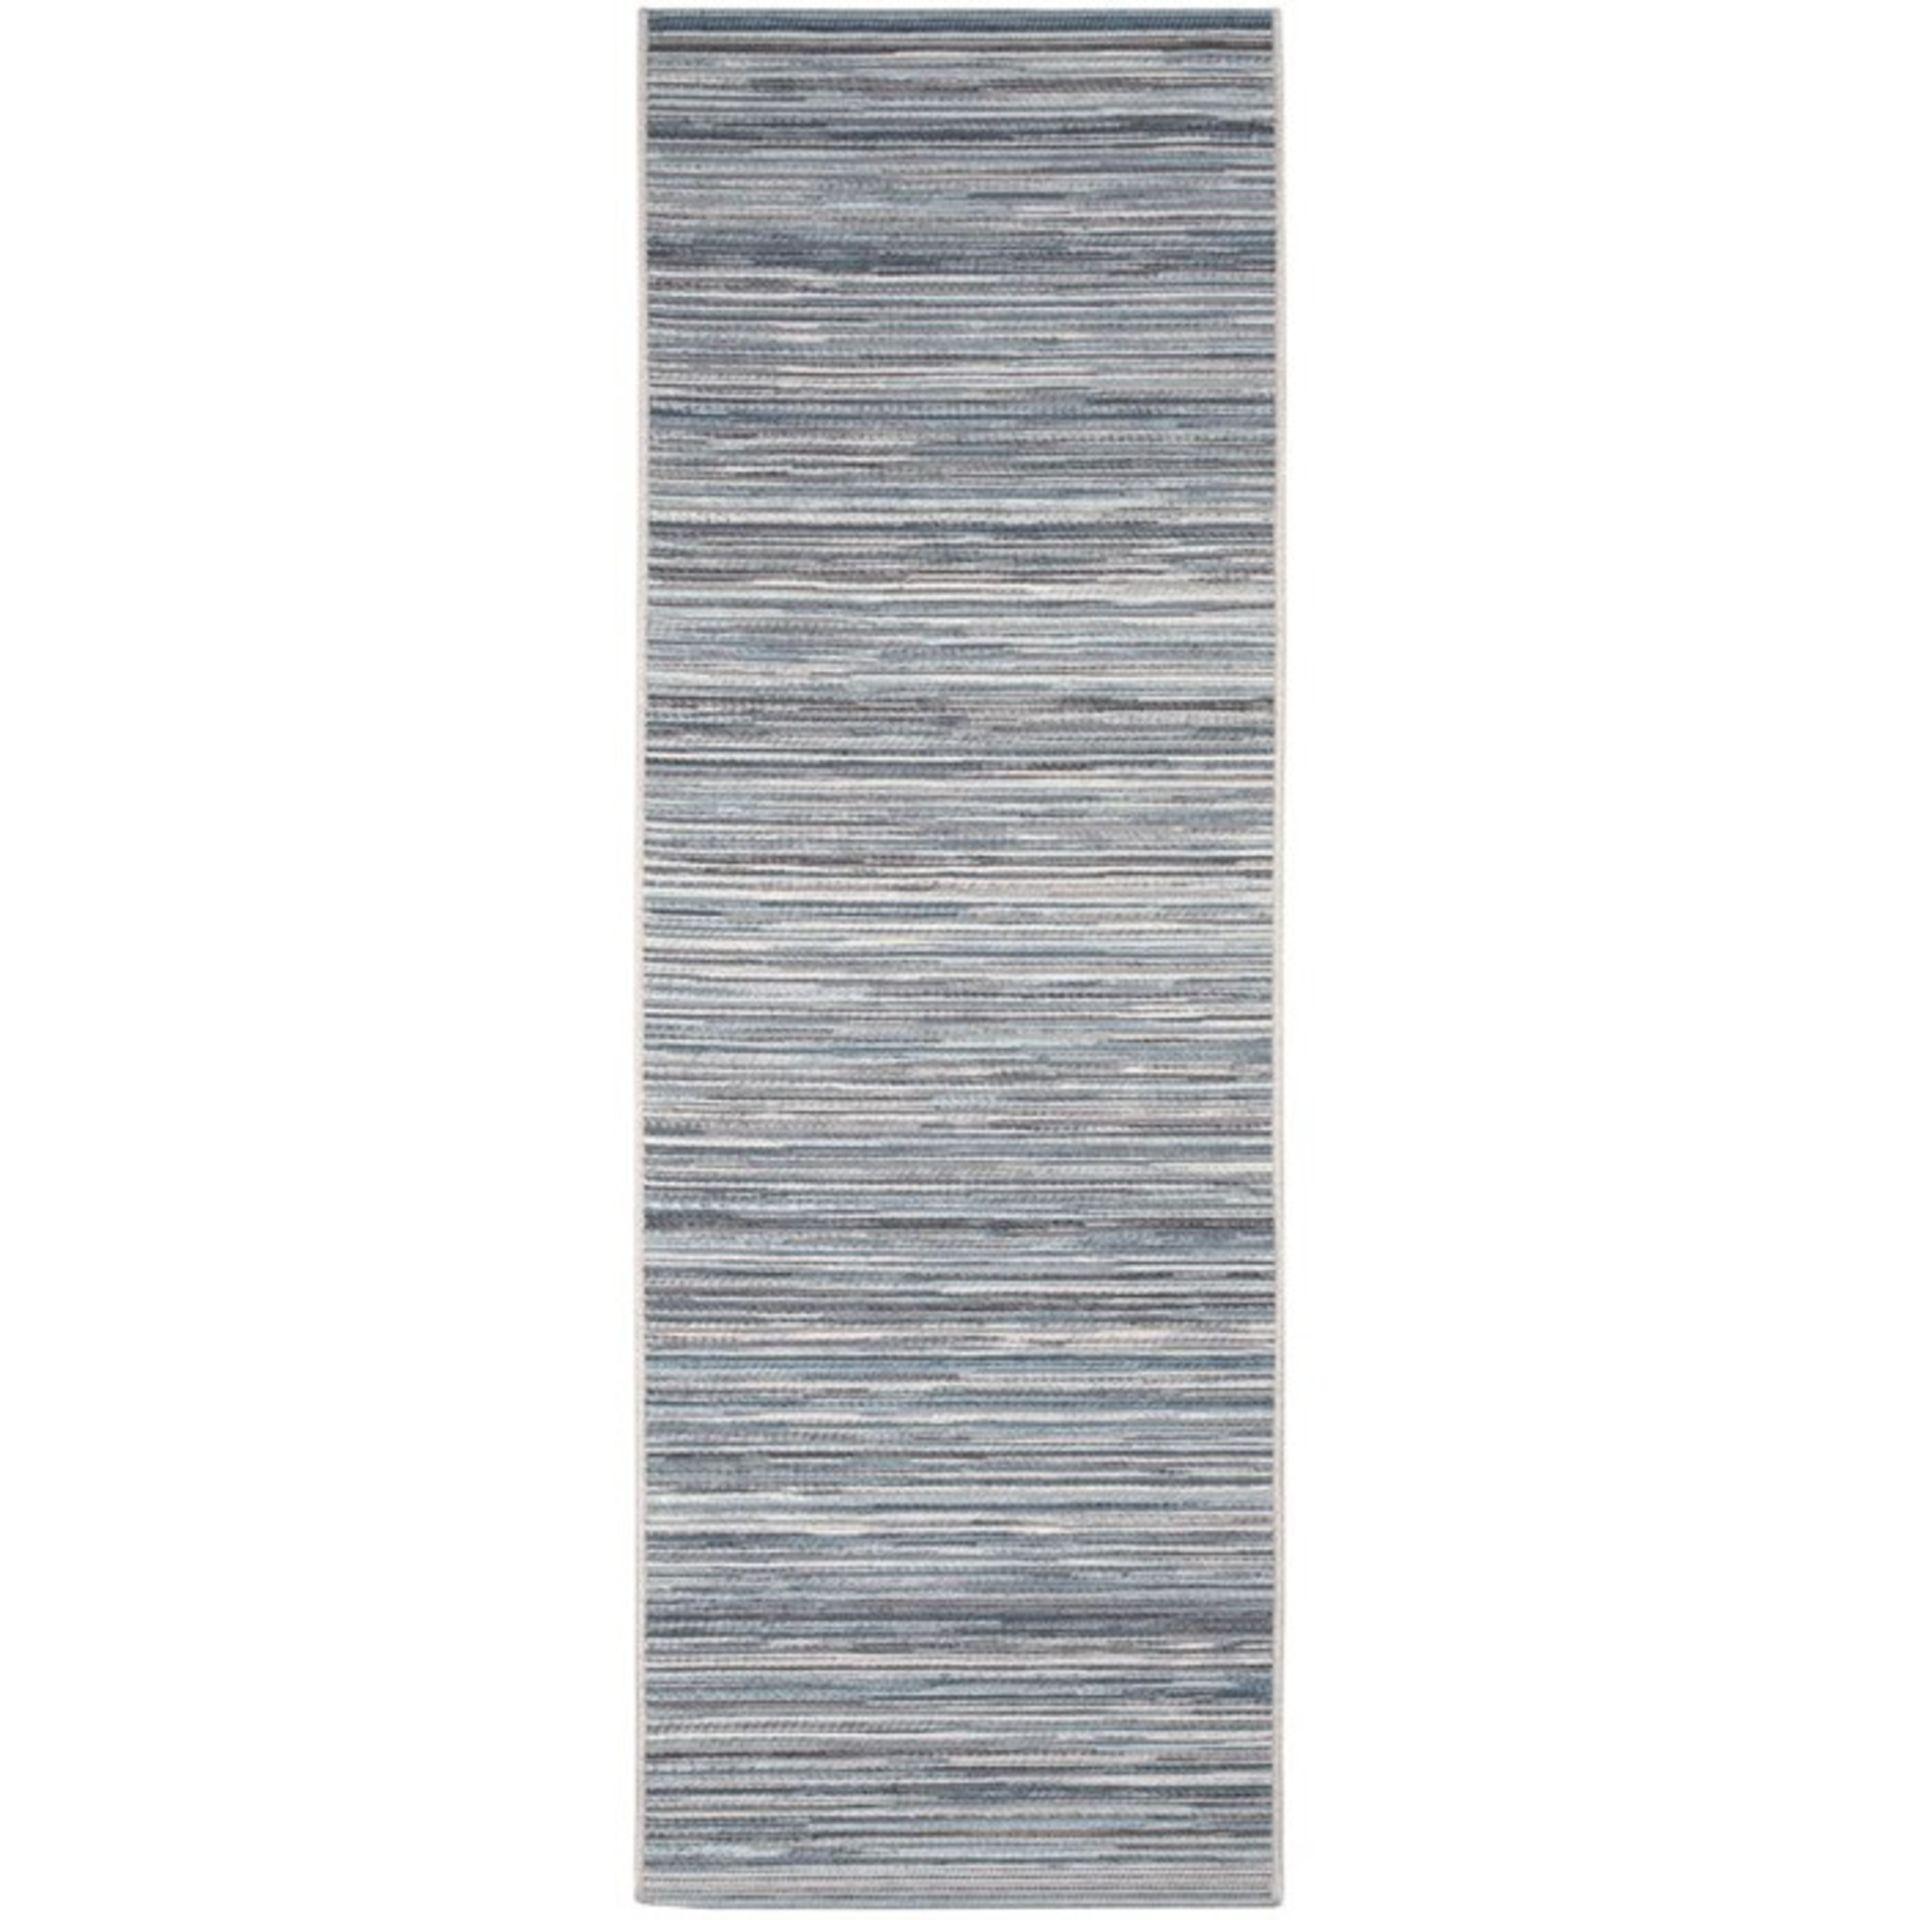 17 Stories,Njord Grey Indoor/Outdoor Rug (60X200CM)RRP -£ 25.99(18267/38 -CCOQ2089)